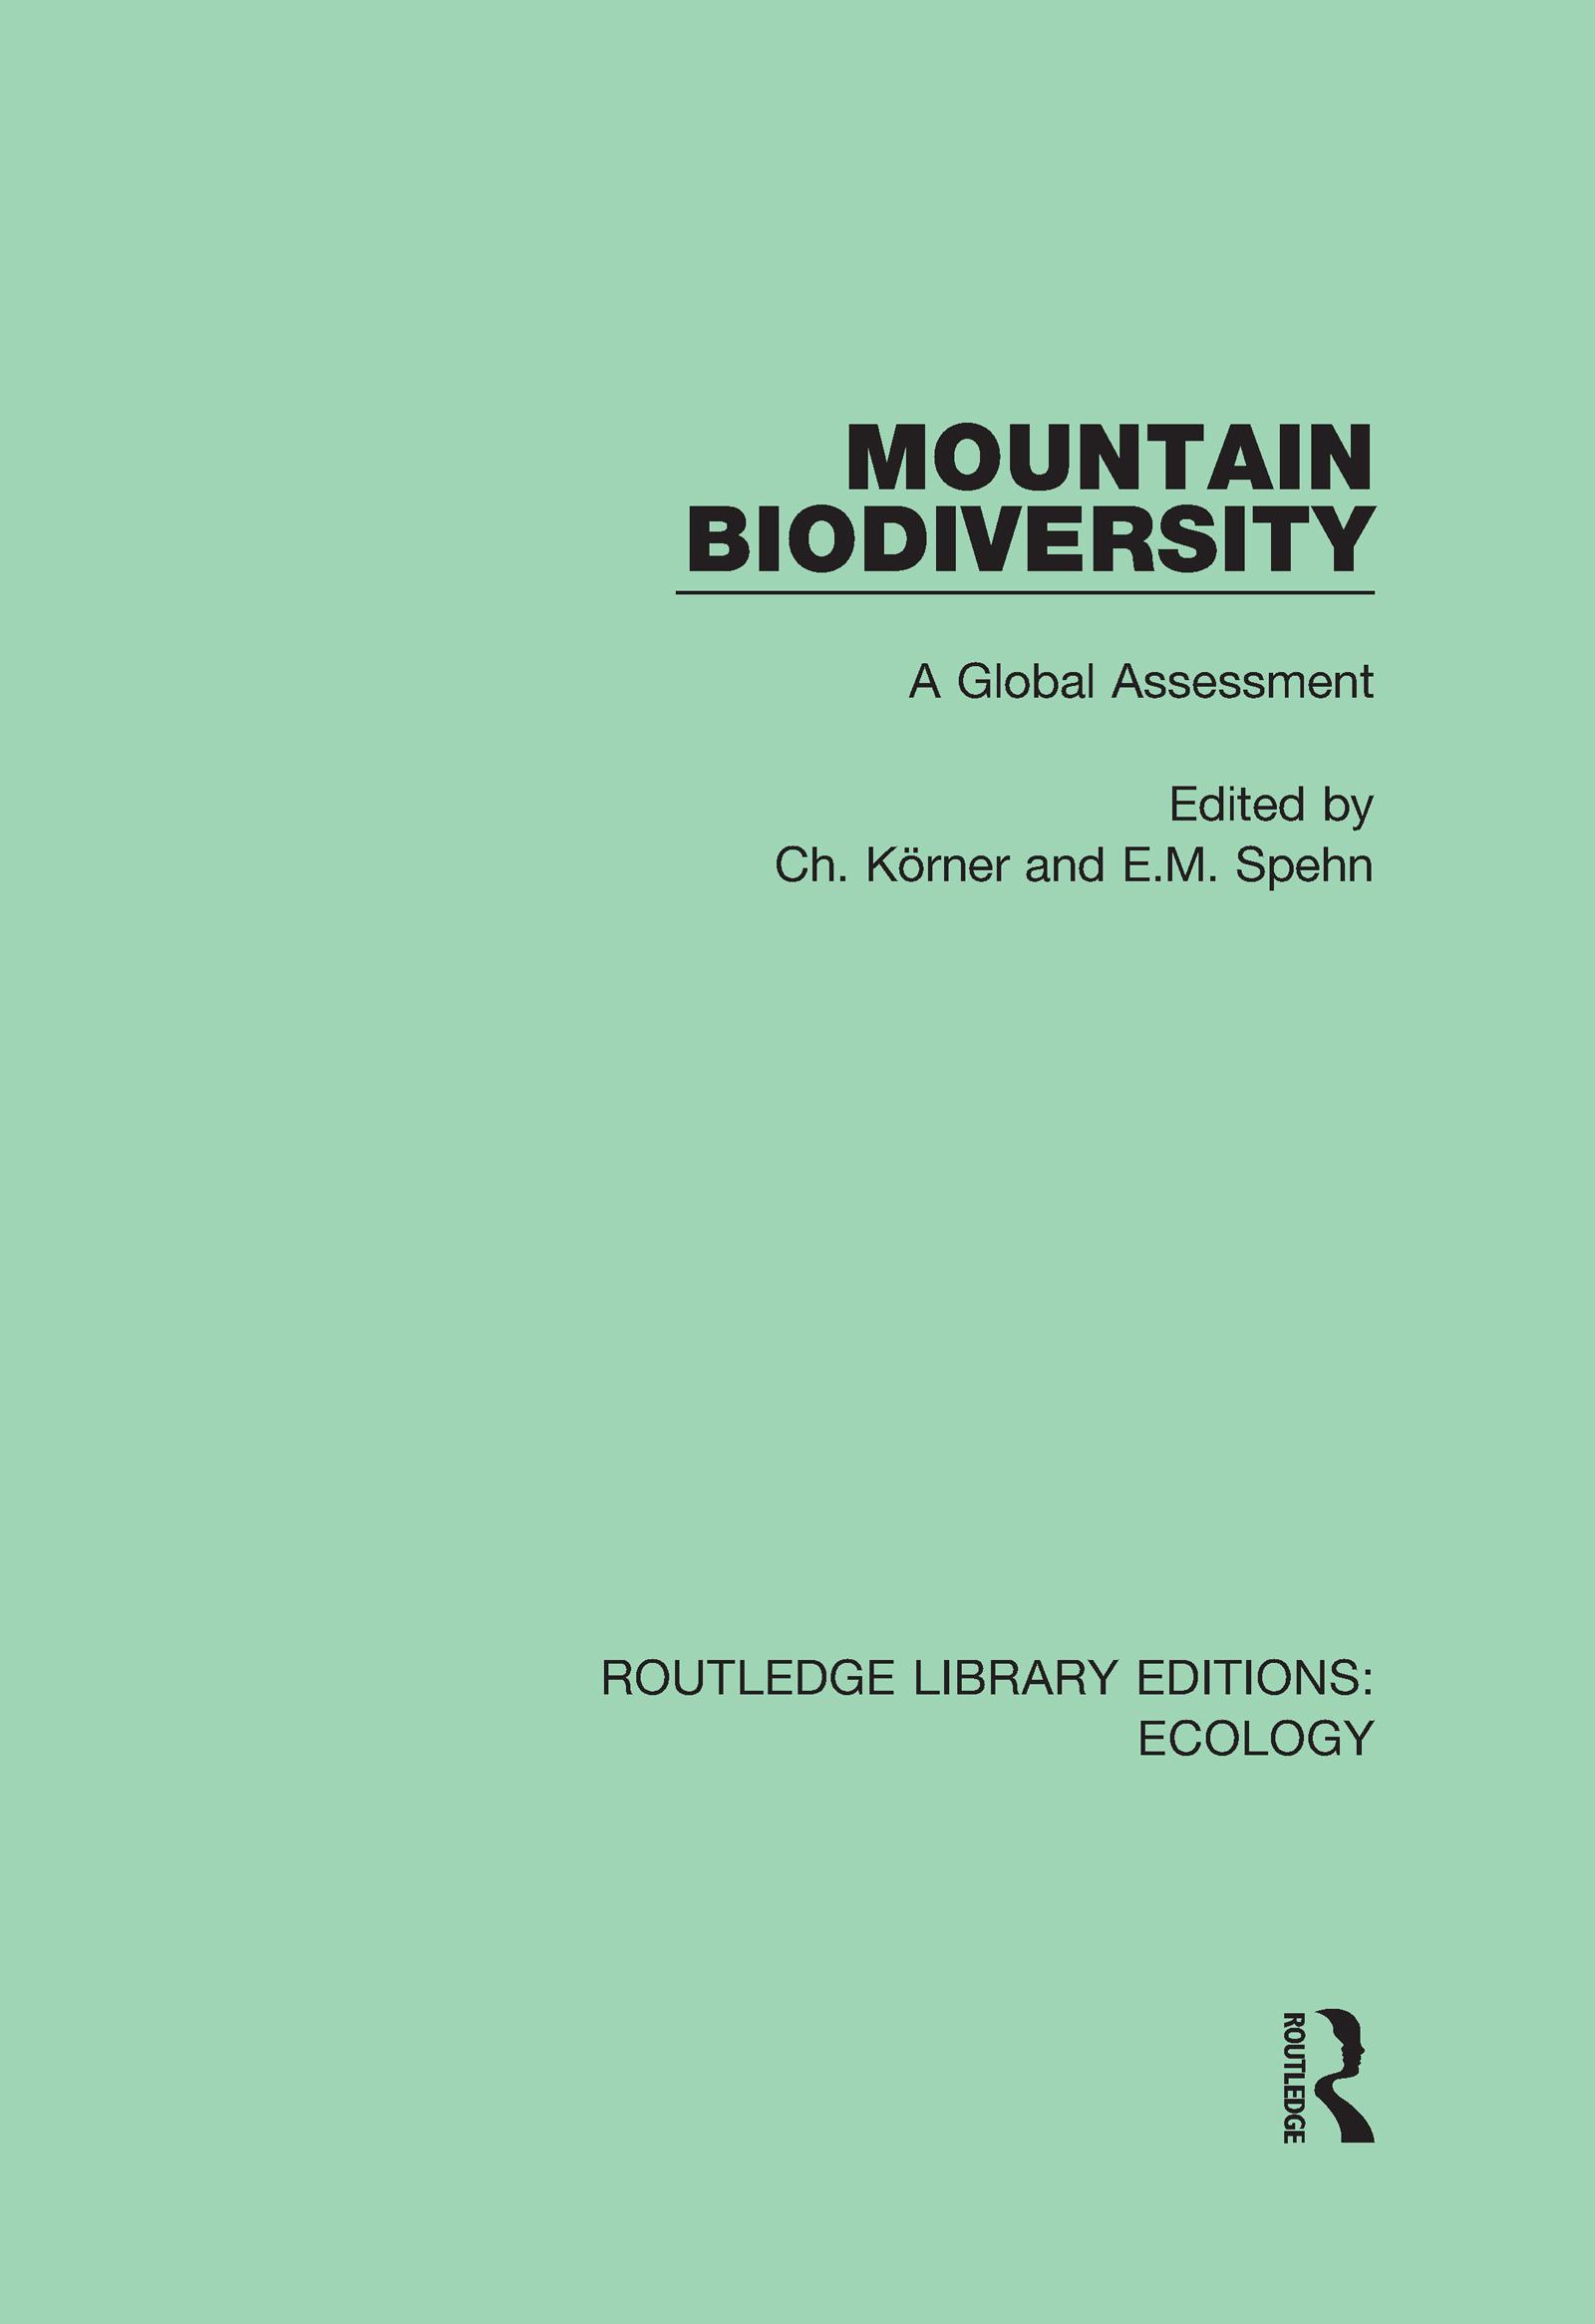 Mountain Biodiversity